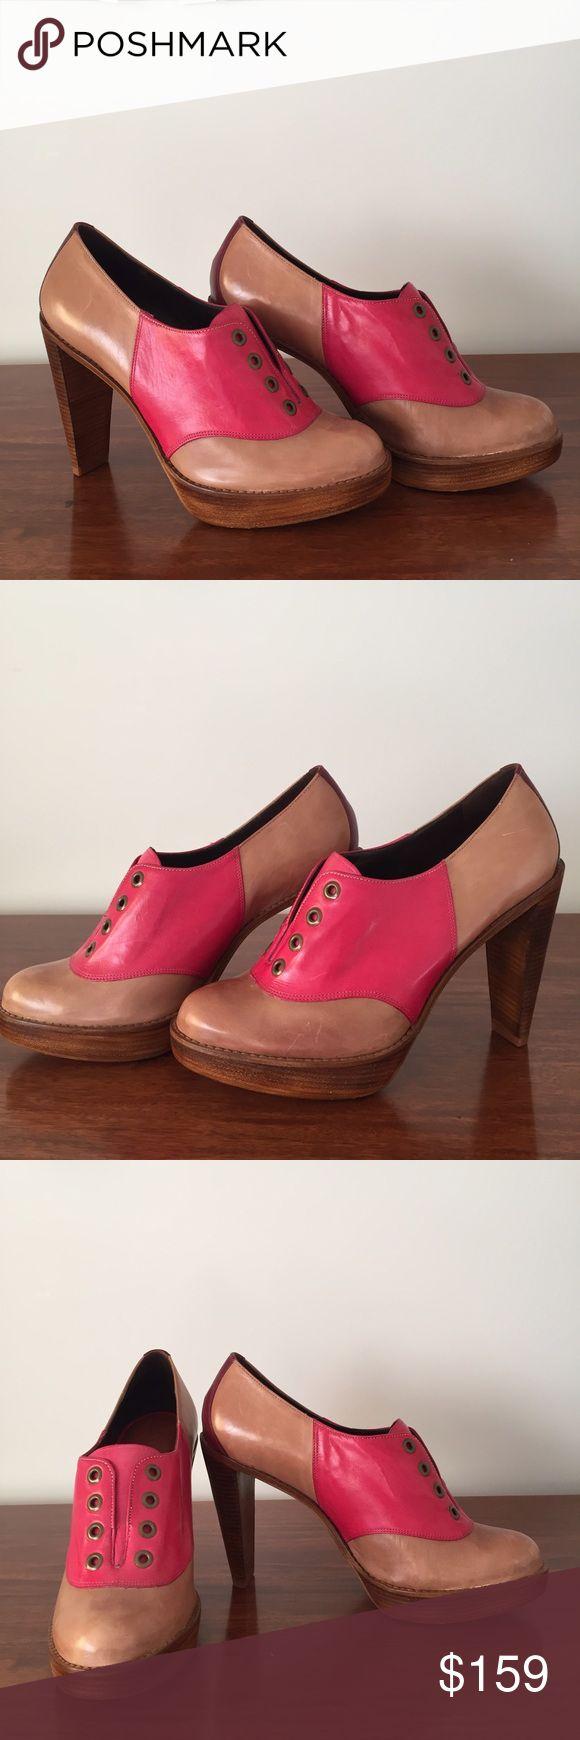 Cole Haan heels Cole Haan heels, worn once, no flaws. Cole Haan Shoes Heels